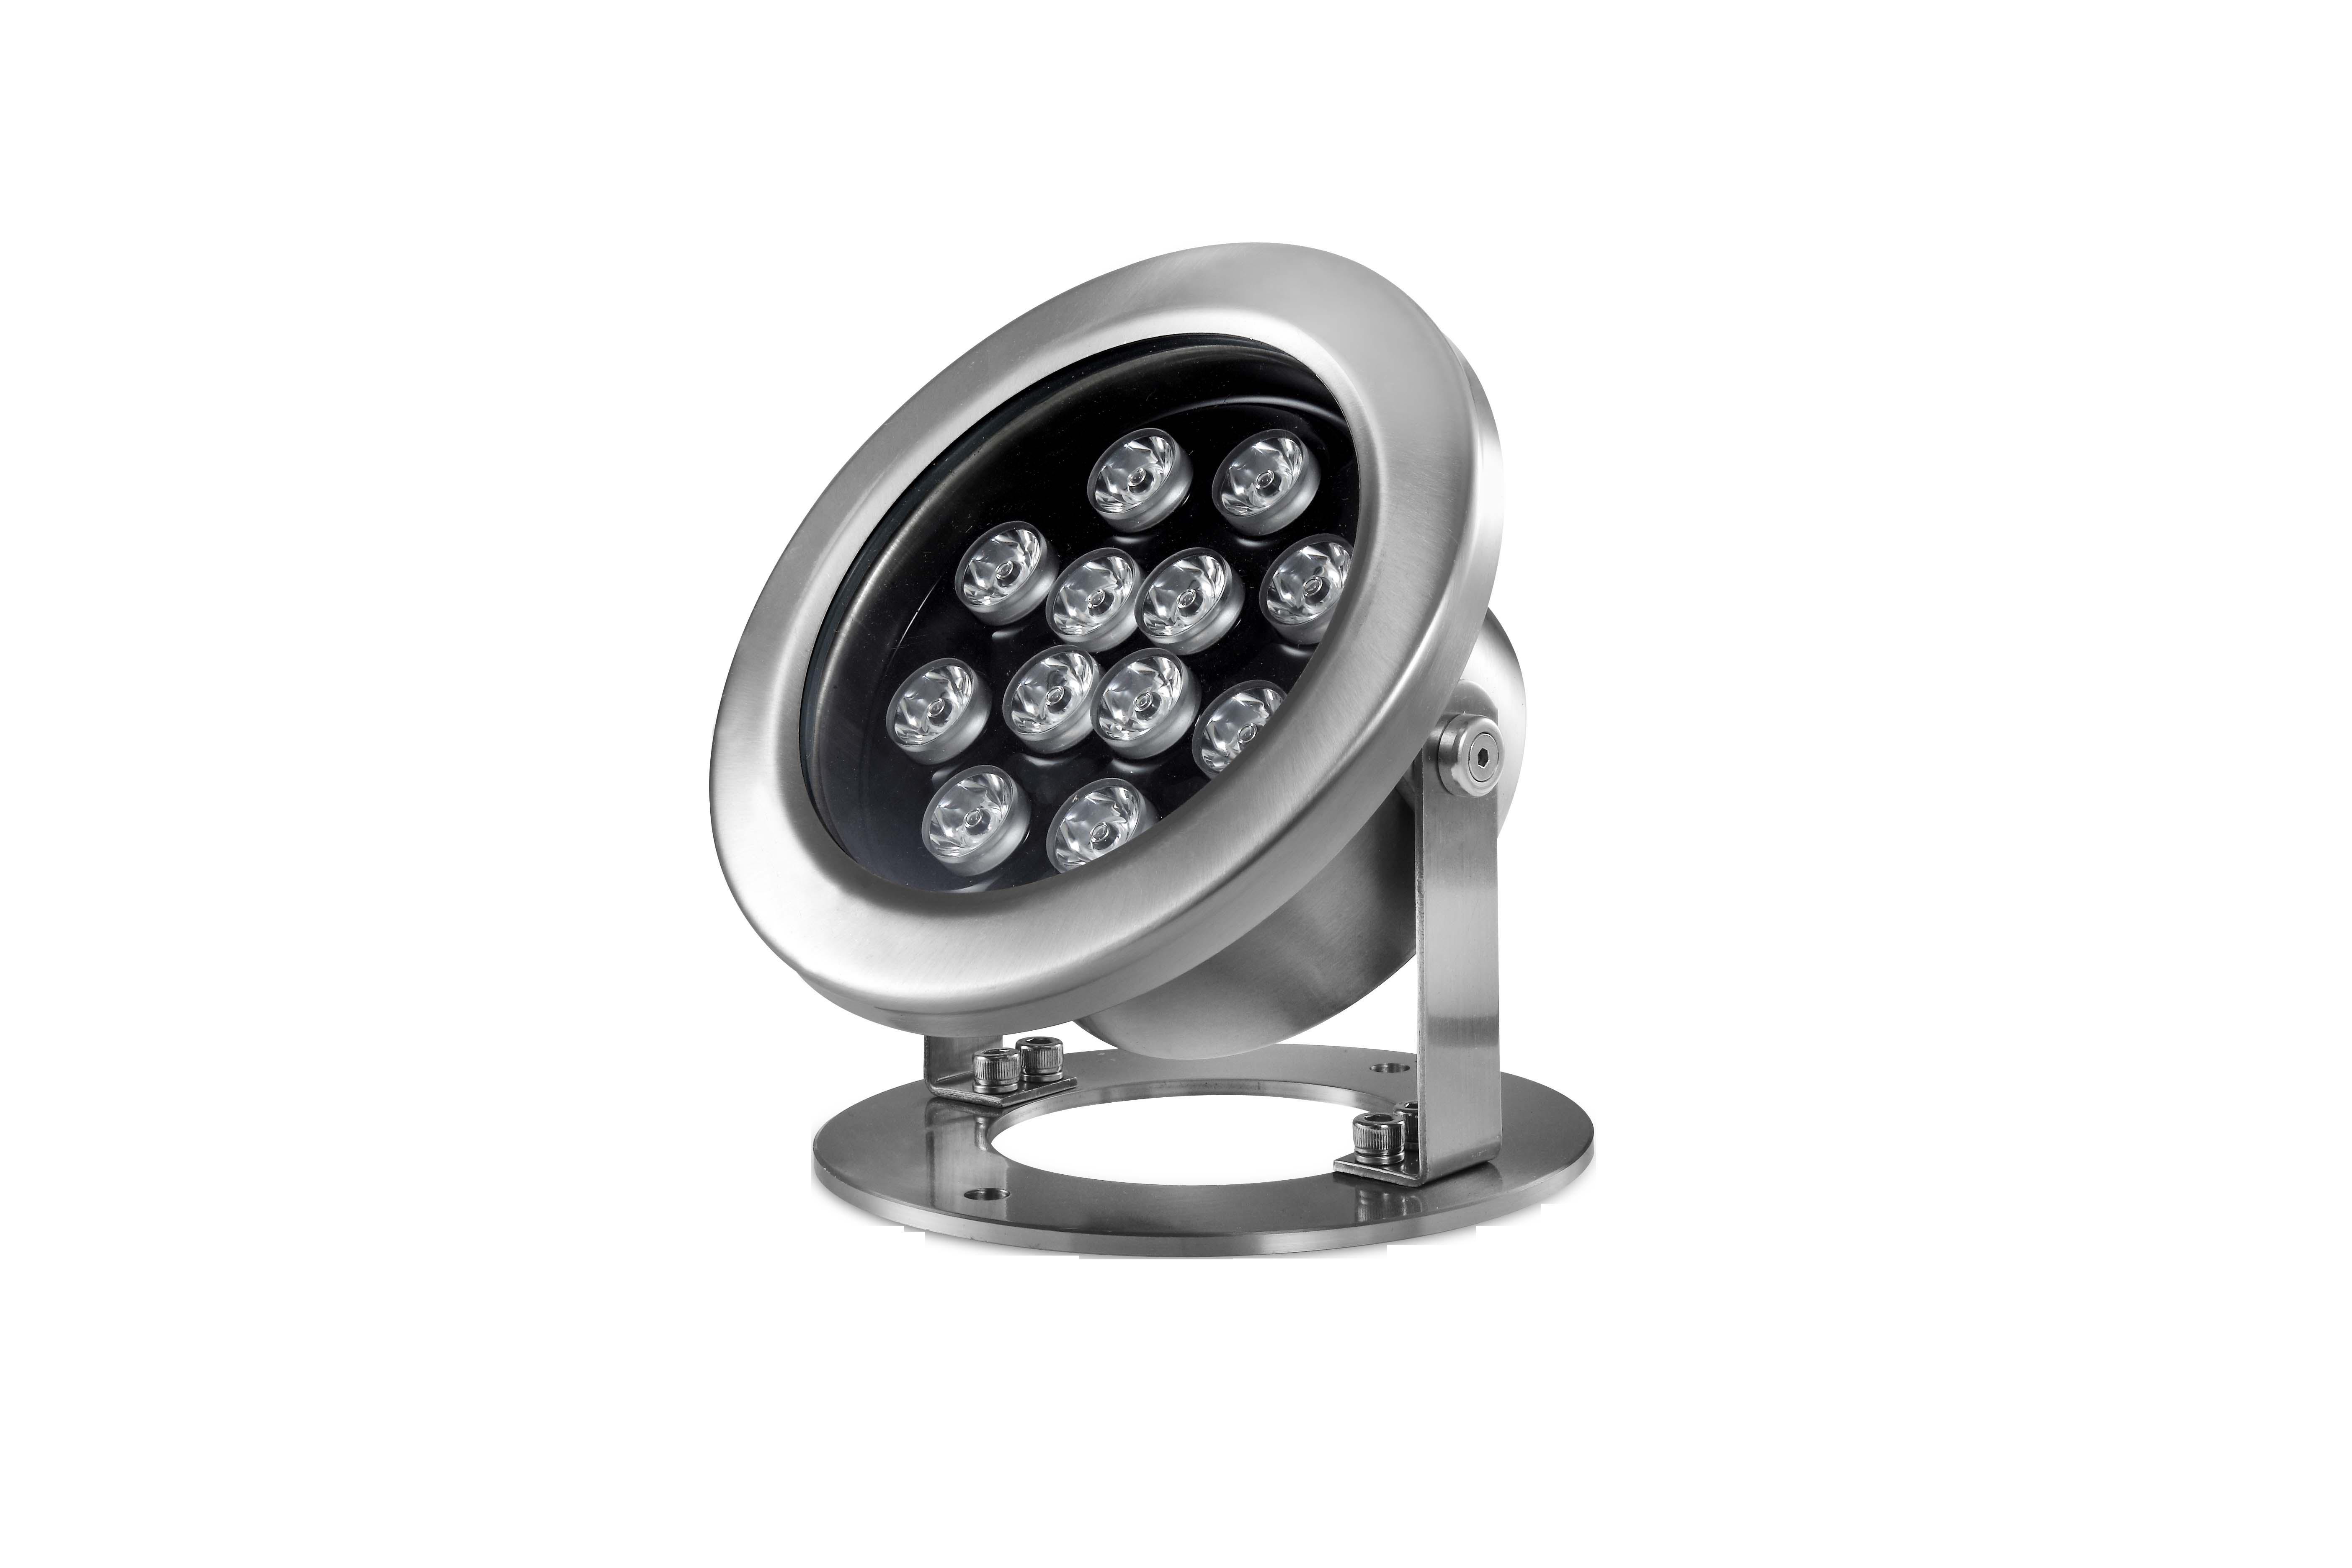 嵌入式LED水底七彩12W水底灯  12Wled水底灯厂家直销